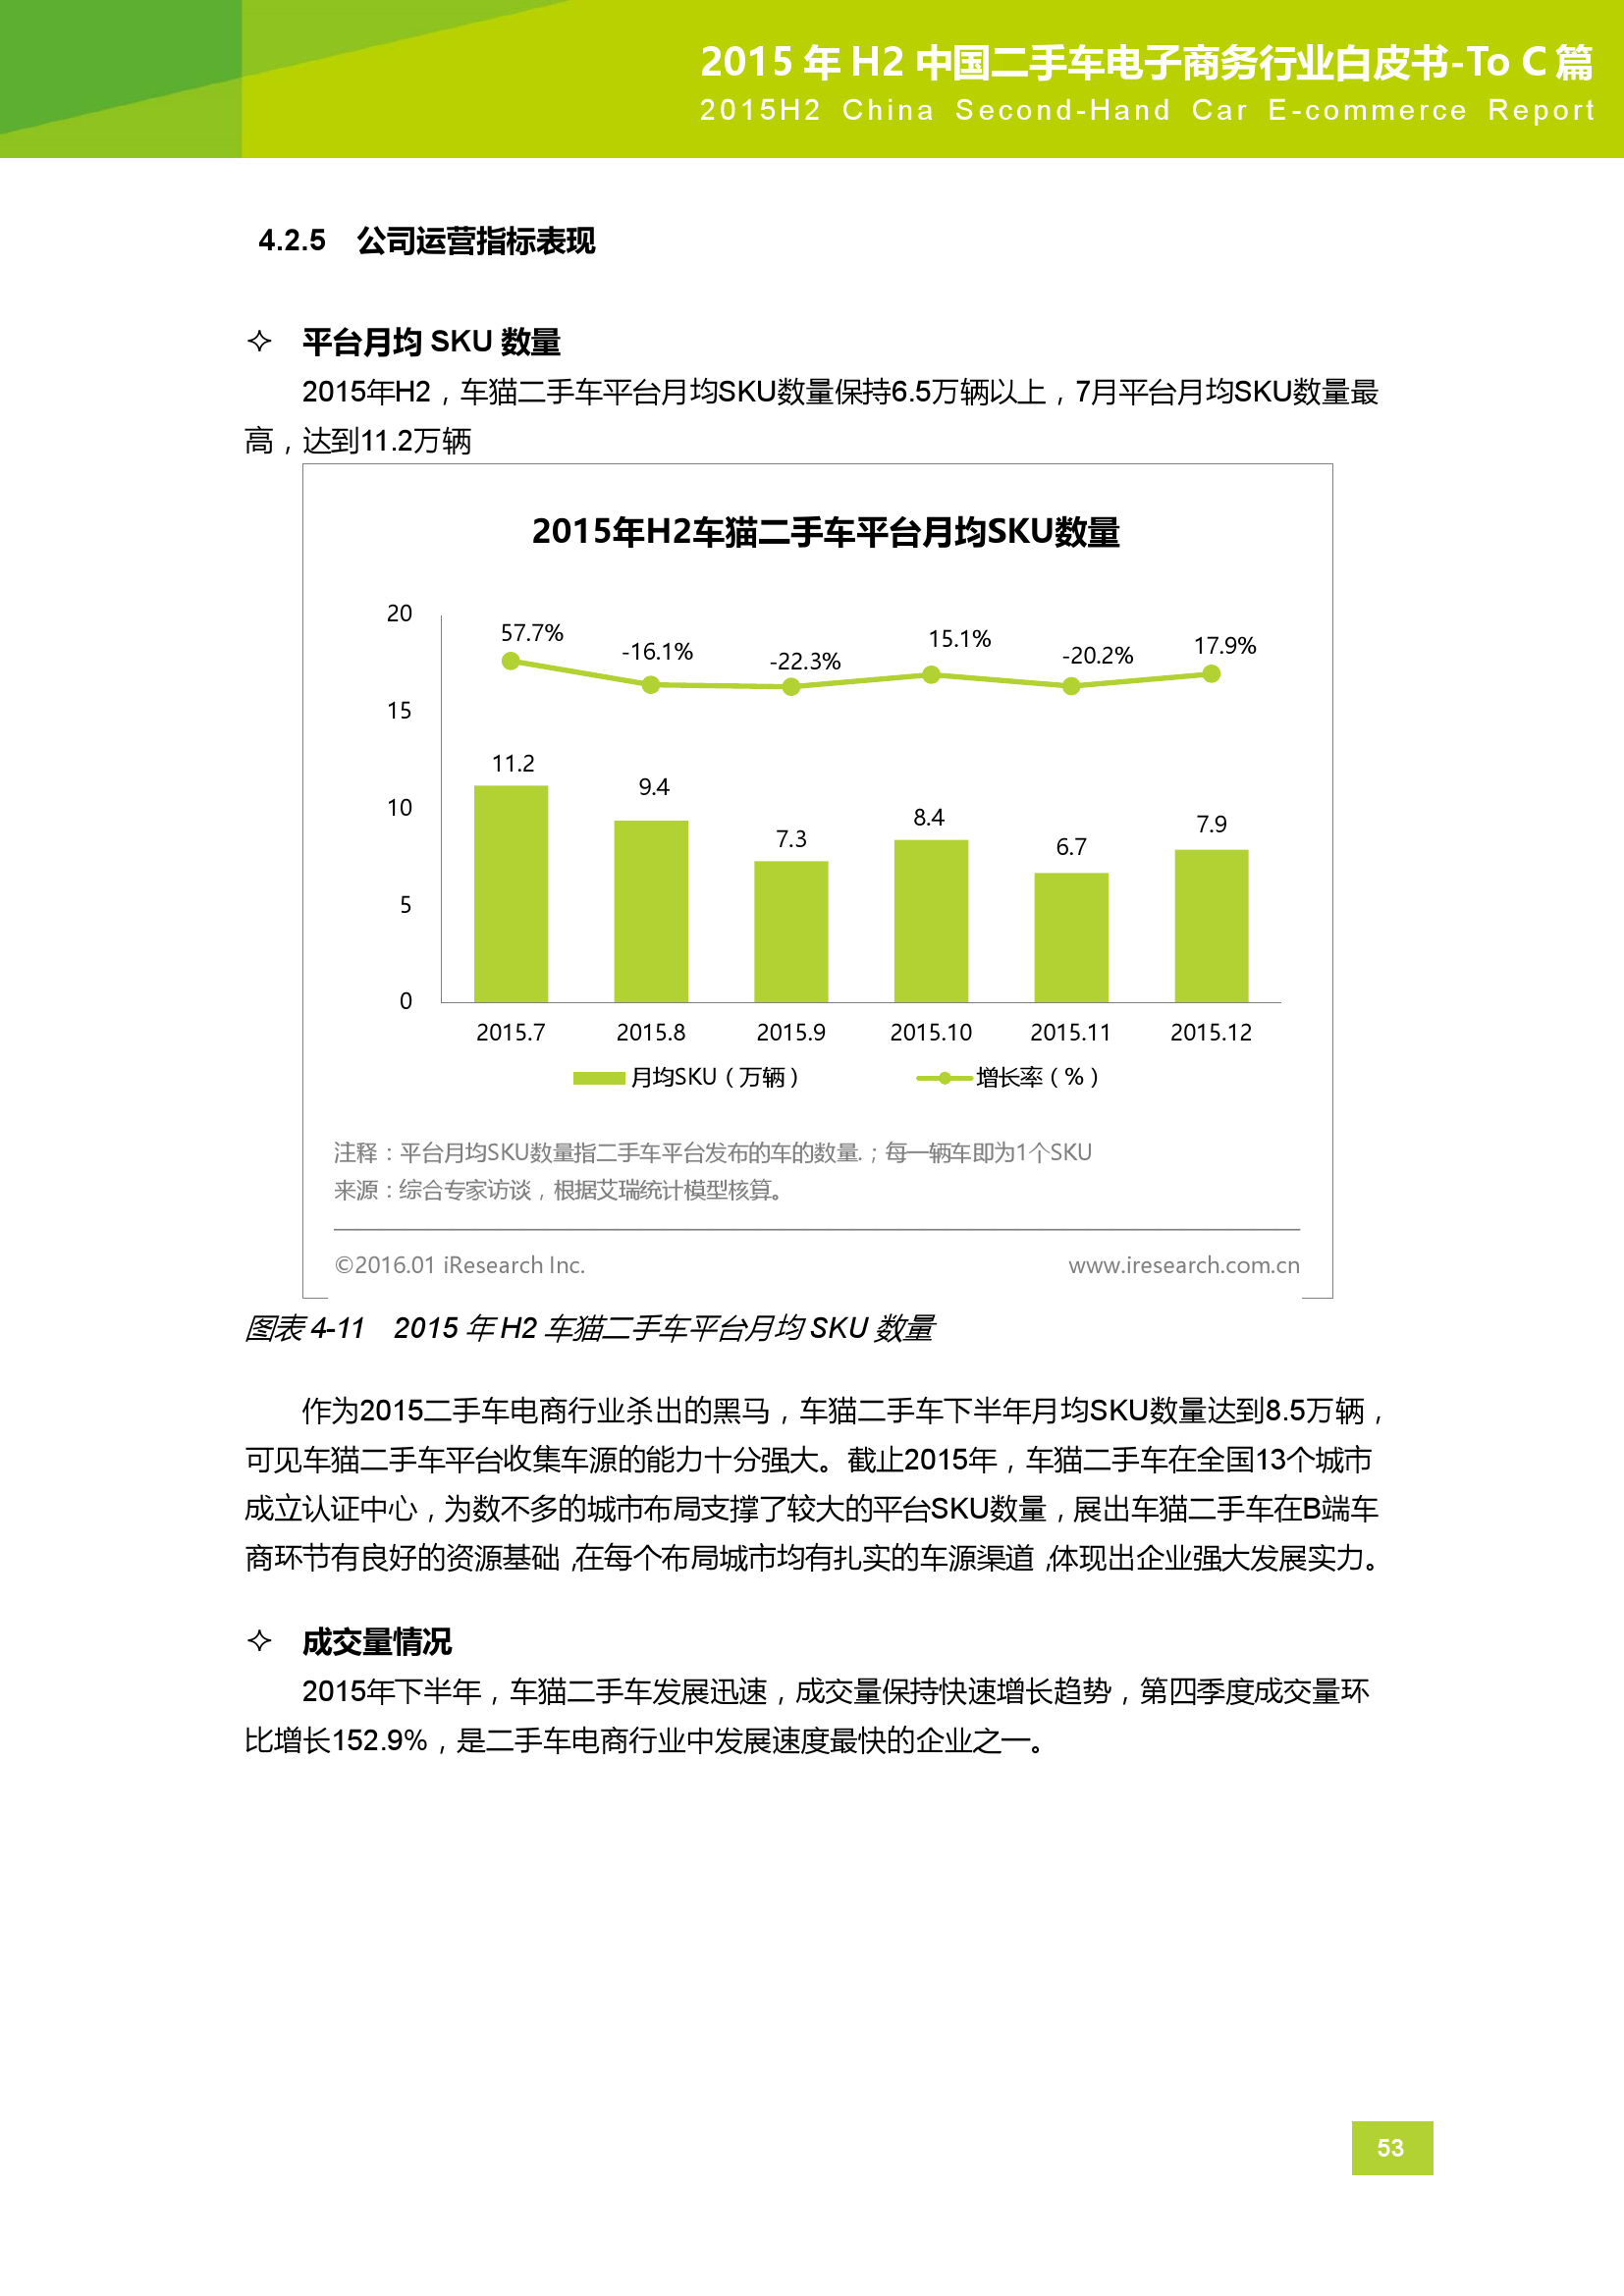 2015年H2中国二手车电子商务行业白皮书_000053